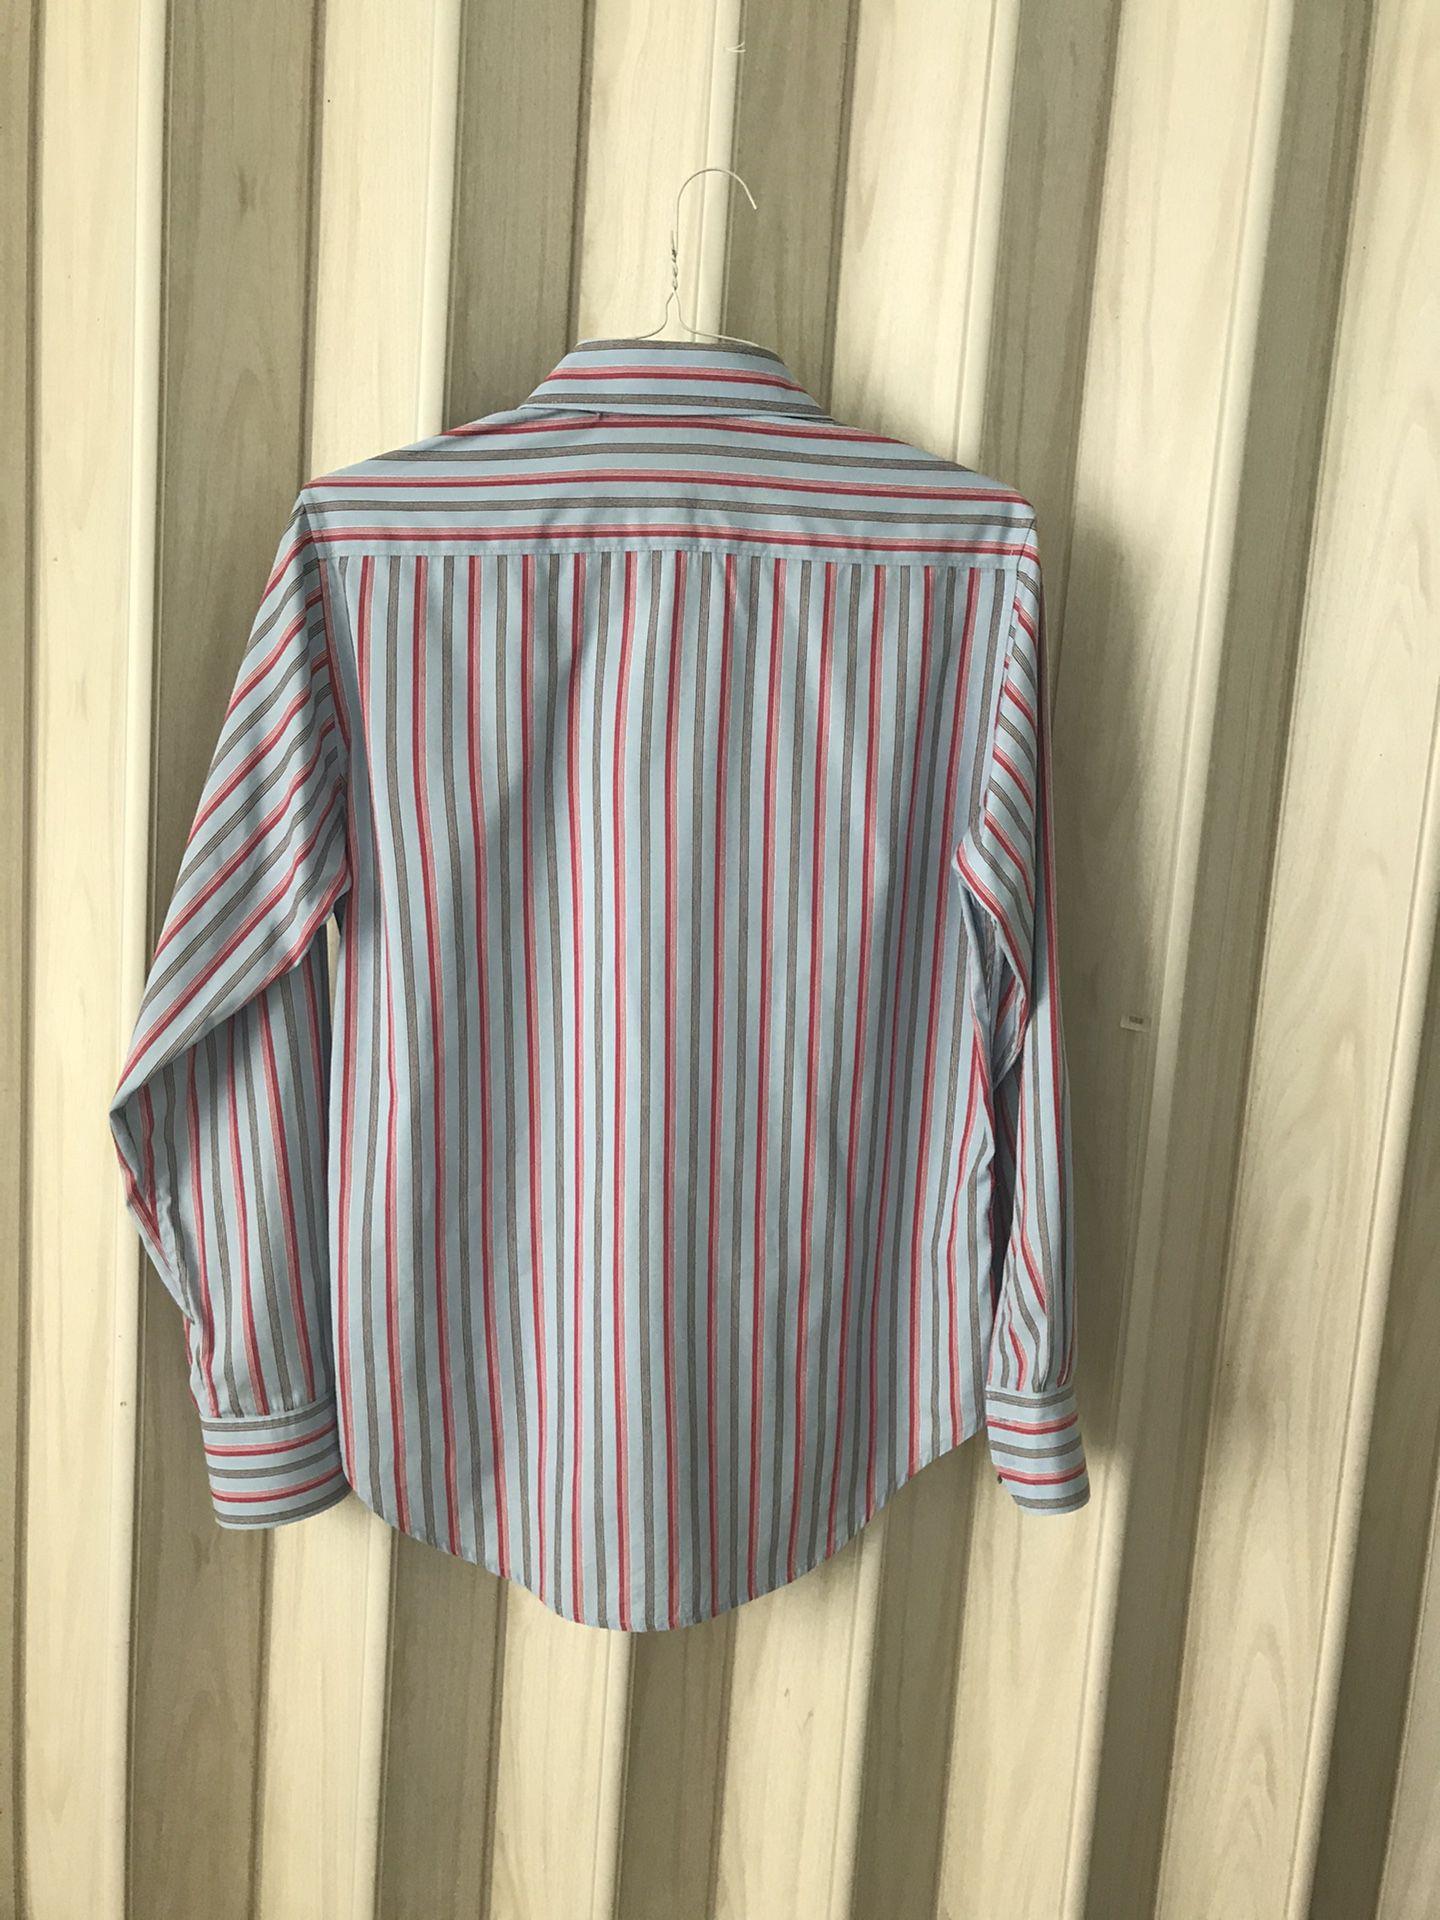 ROBERT GRAHAM; DRESS; SHIRT BUTTON DOWN  SIZE S